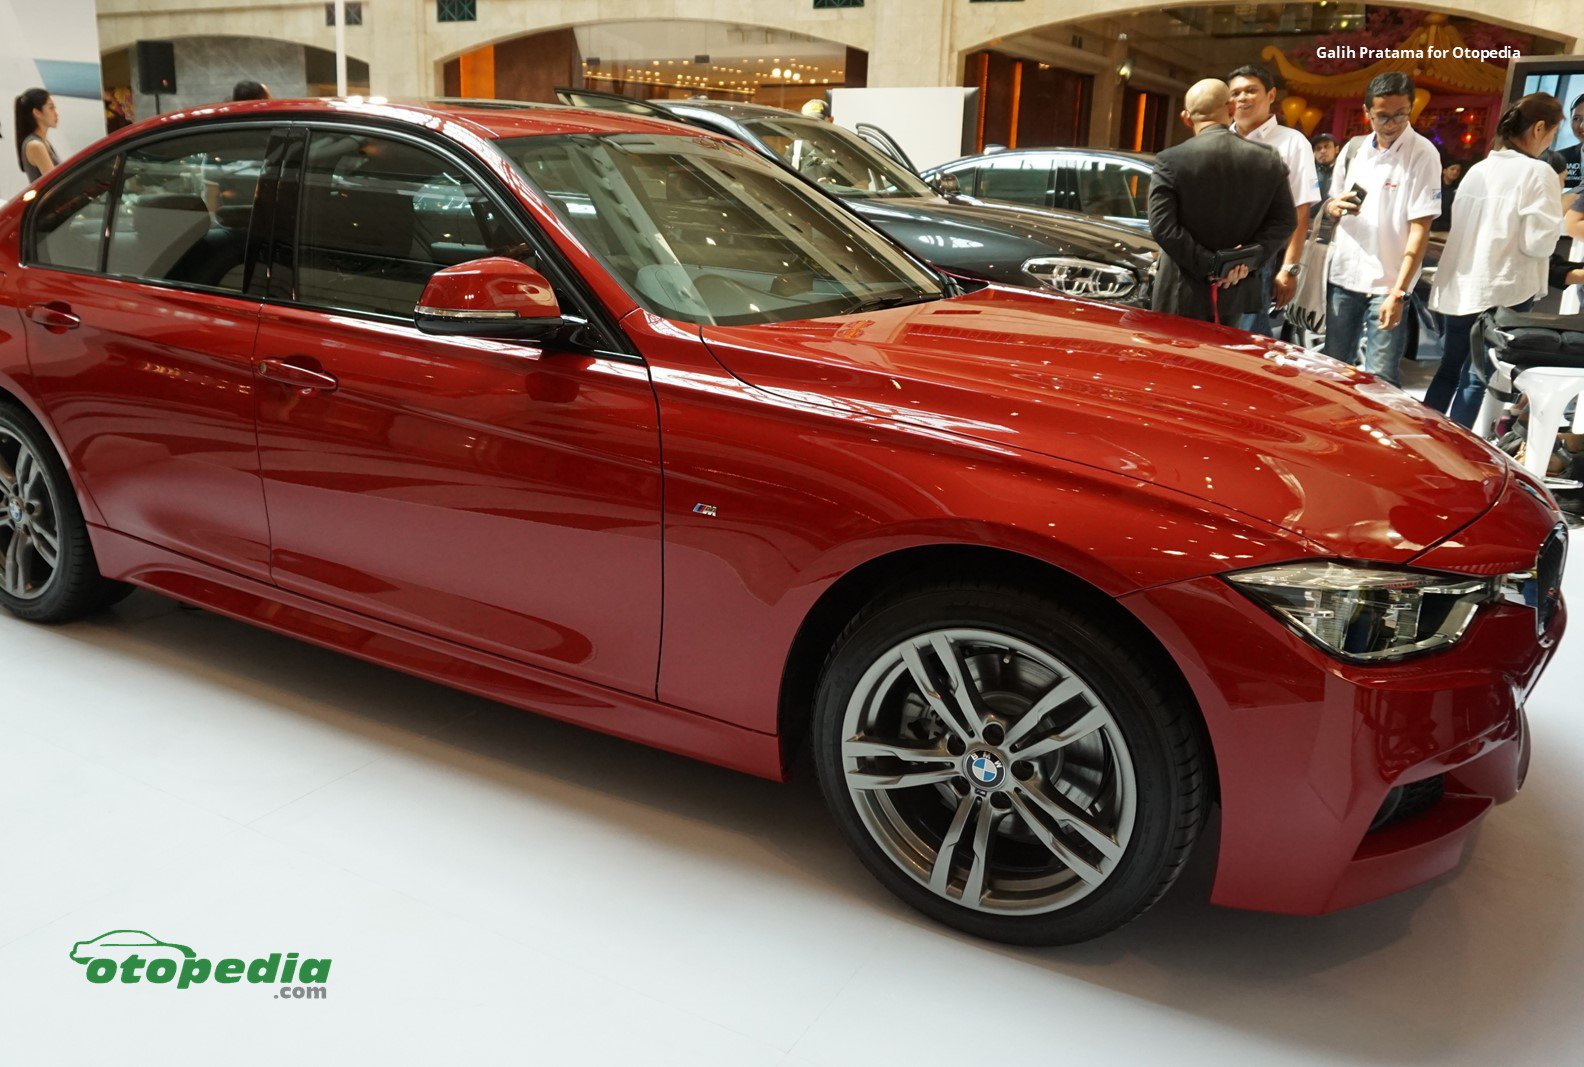 Beli BMW Model 320i dan 530i Bebas Biaya Balik Nama